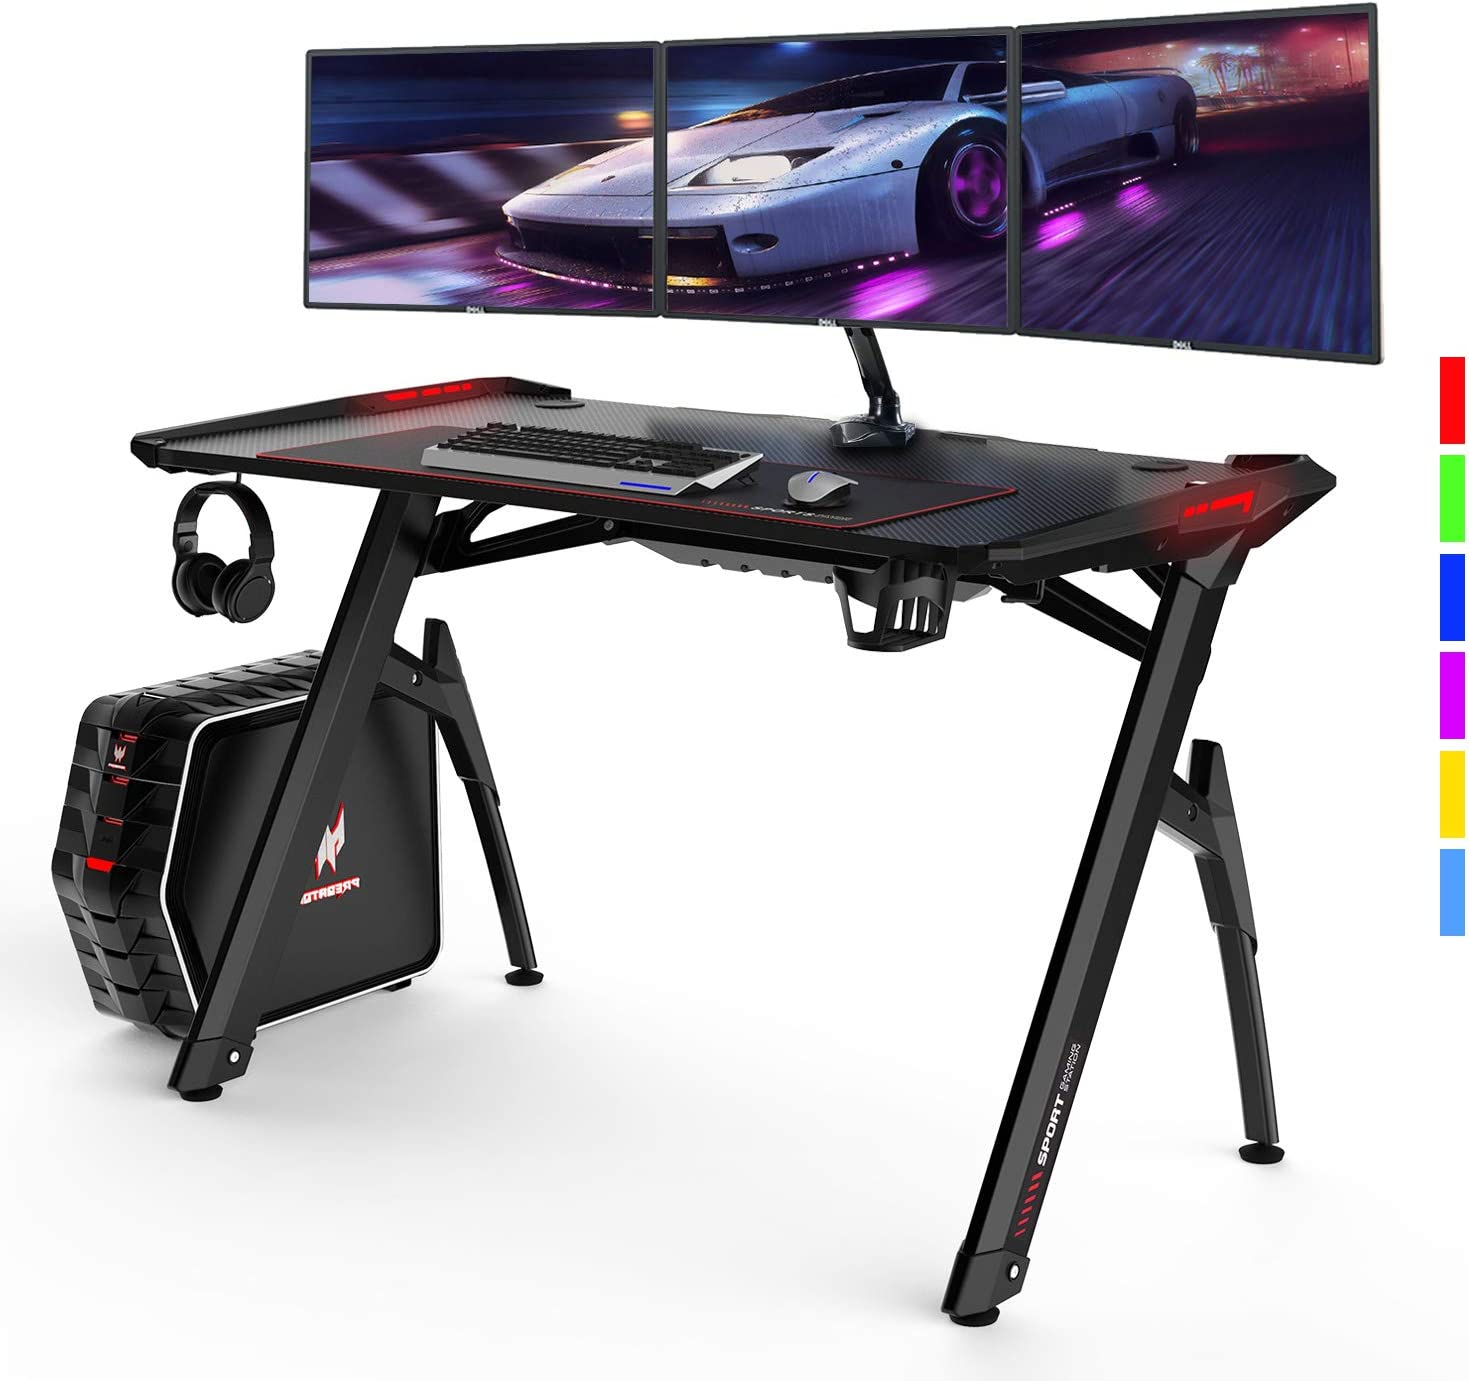 Best RGB Gaming Desks